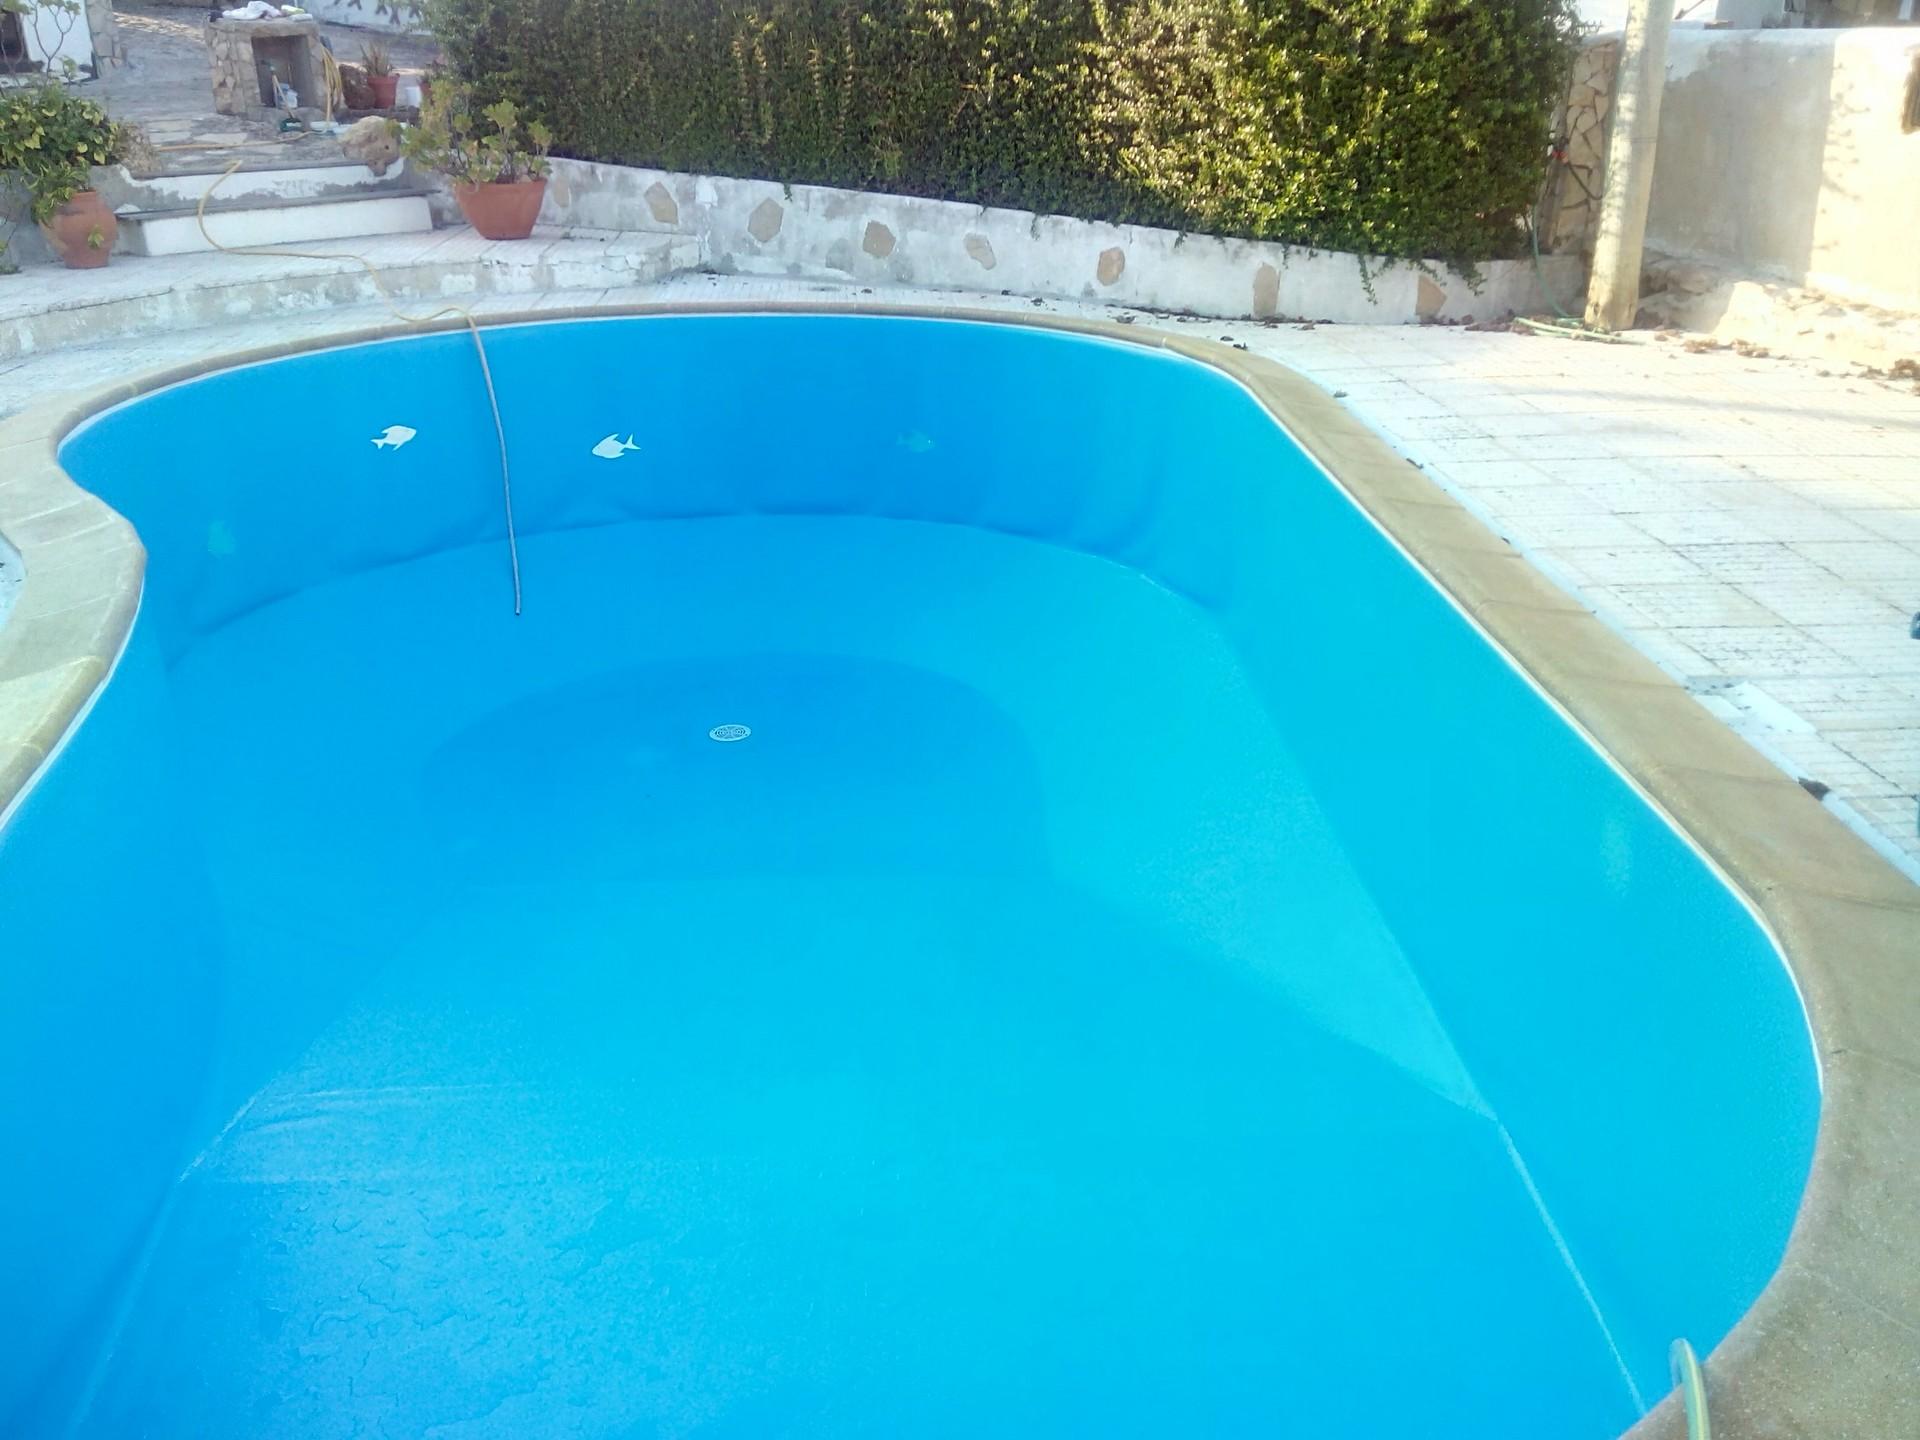 Piscina em bloco forma de rim pooltorres for Formas para piscinas